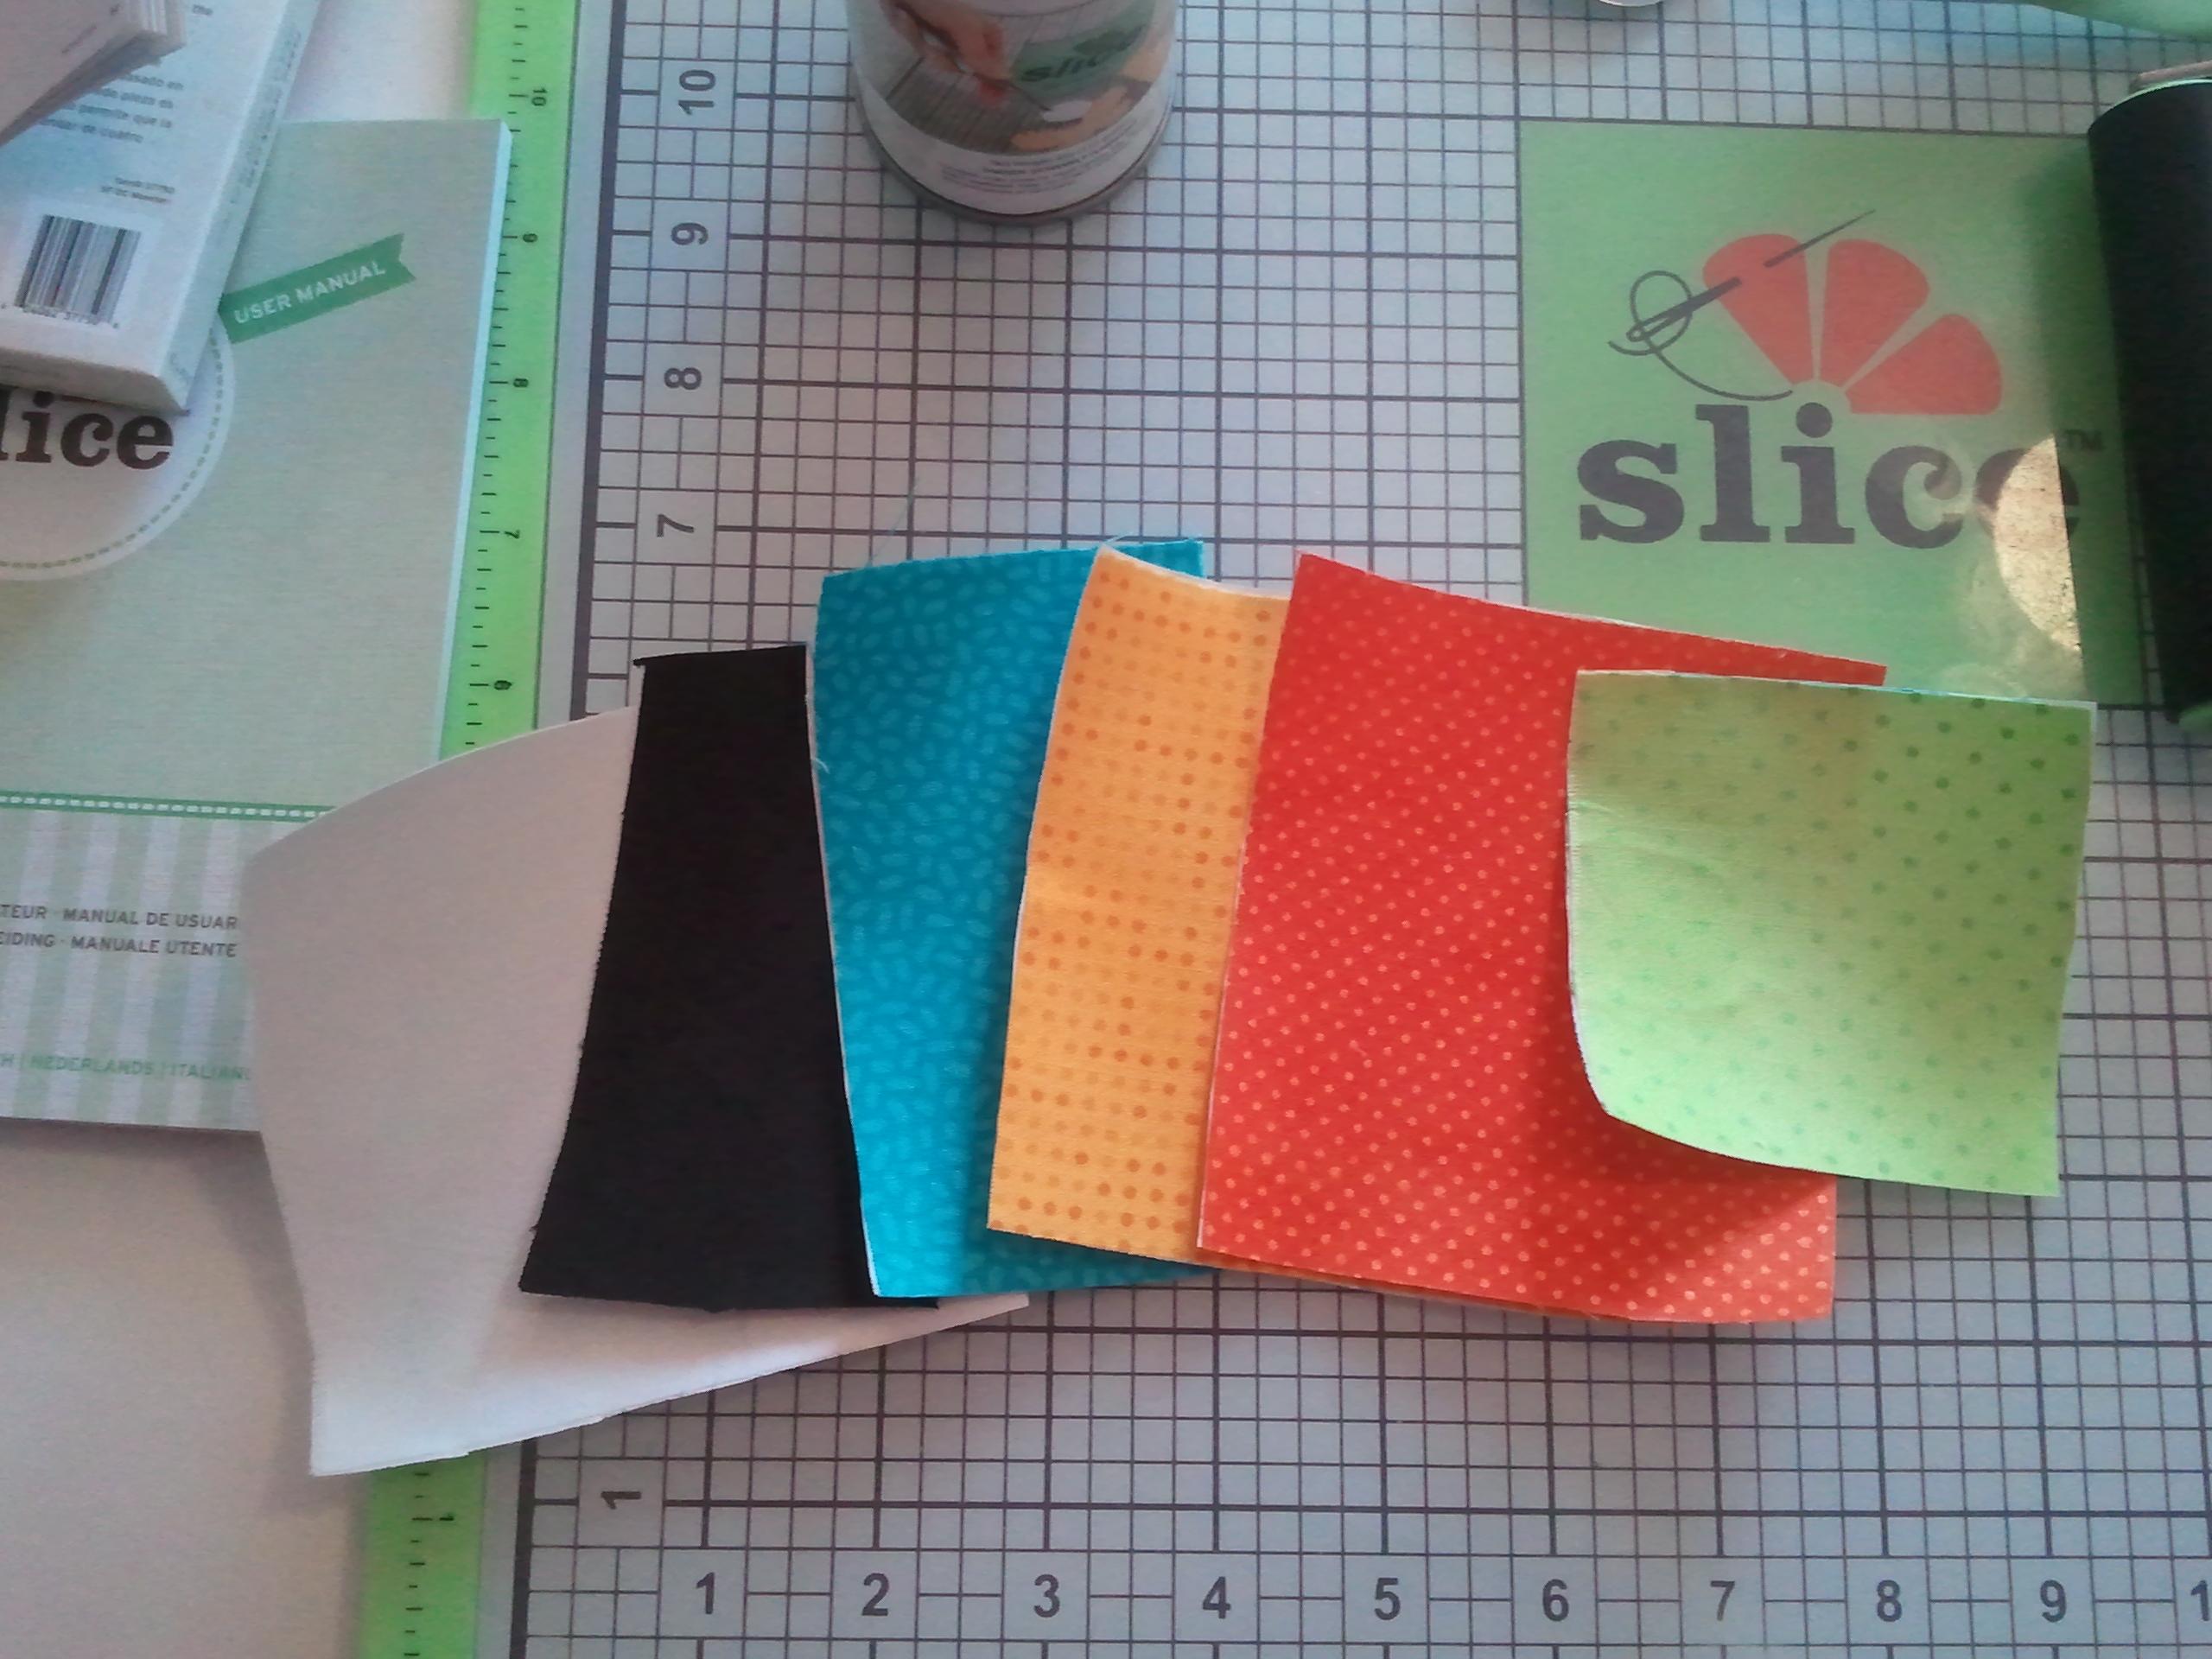 Slice fabrics